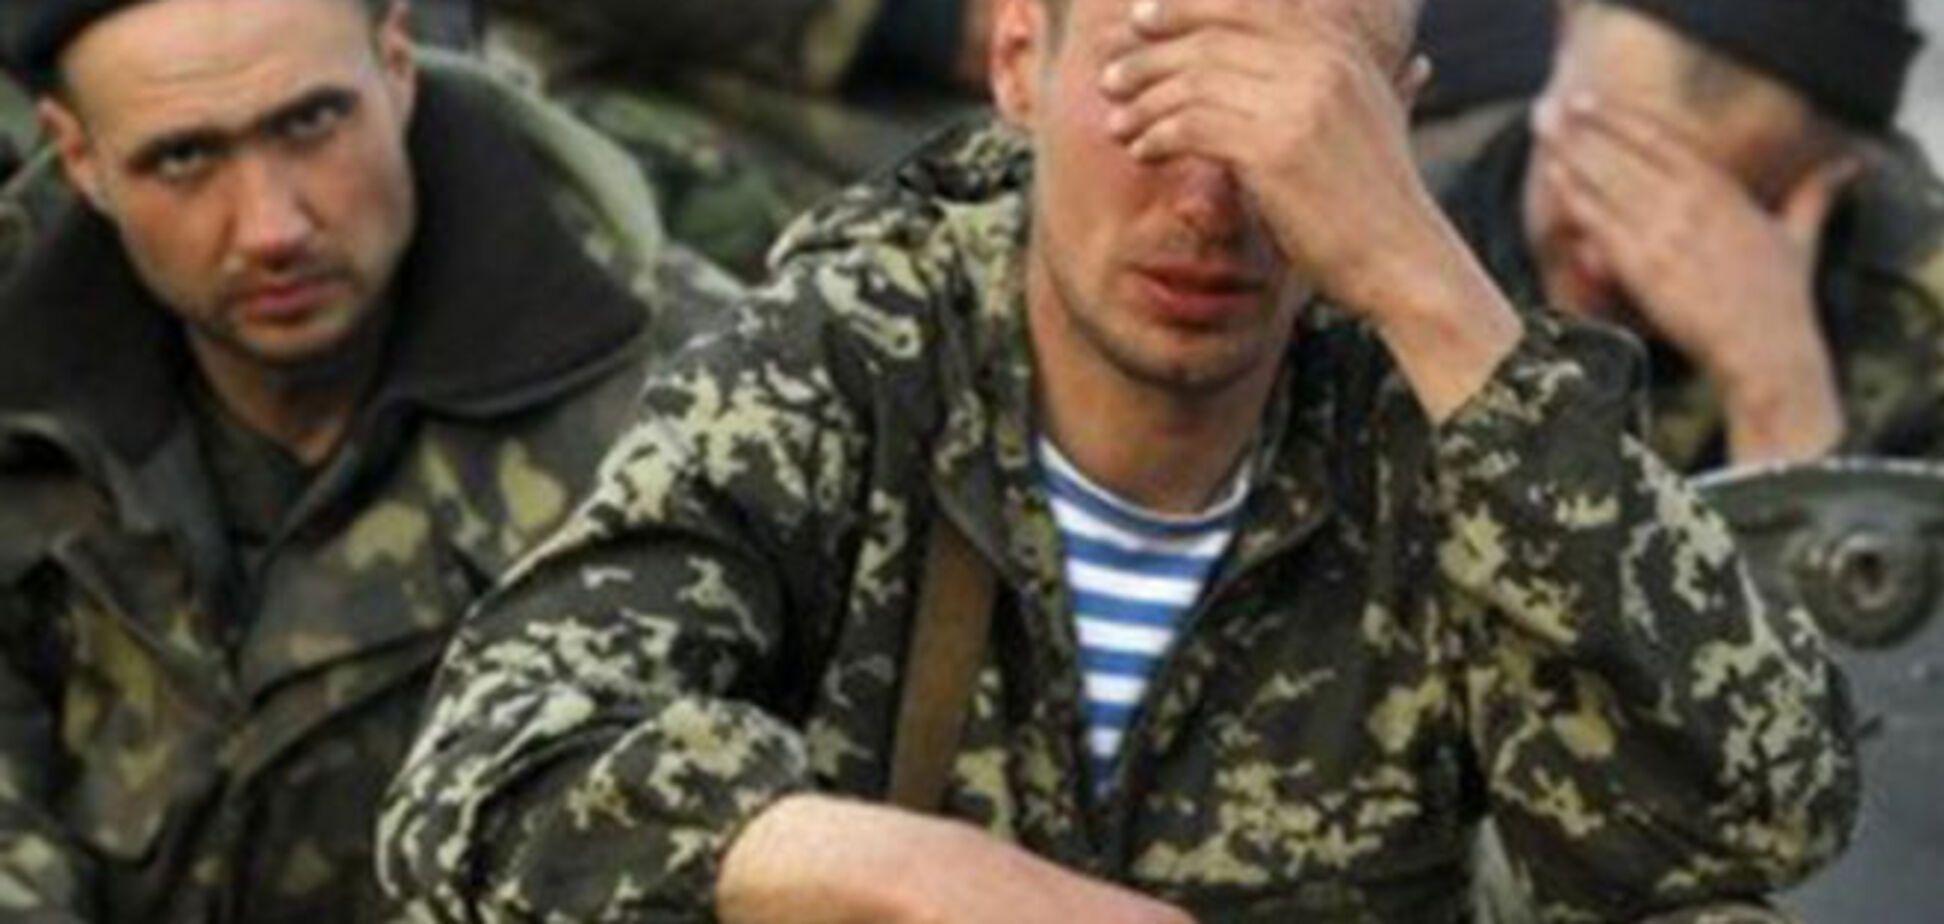 Донбасс  - страна мечты, где можно не пить и убивать